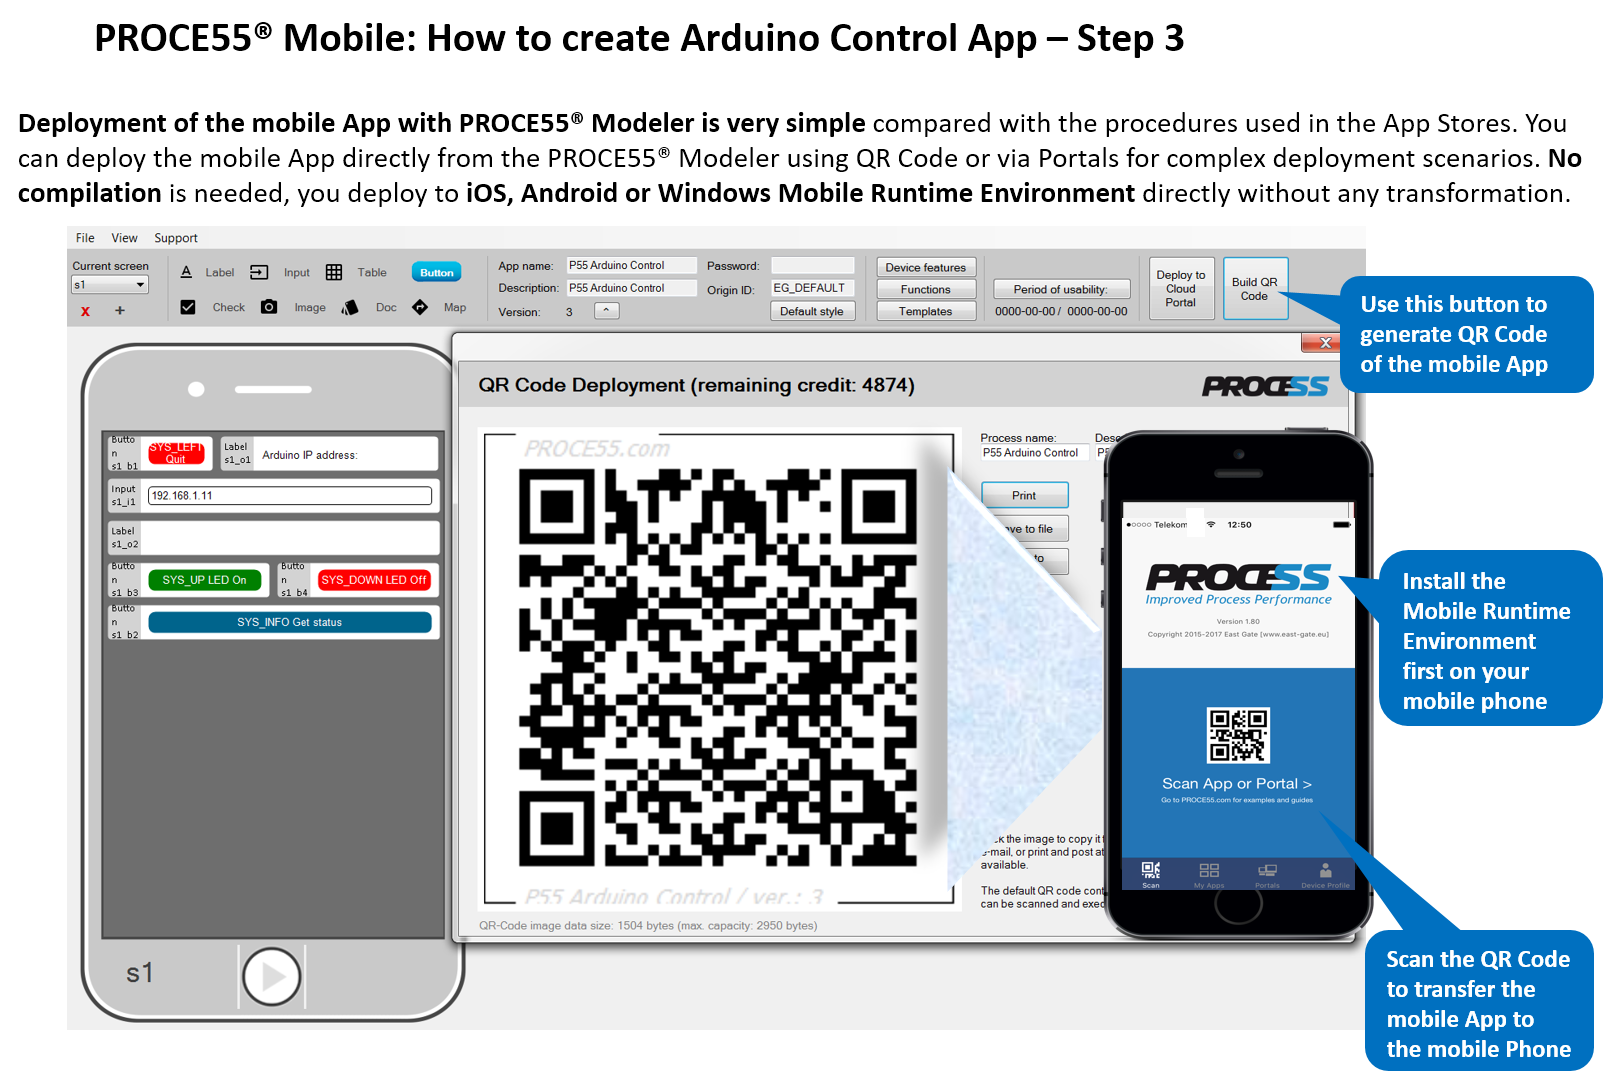 PROCE55 com - Mobile App Development and Deployment Framework